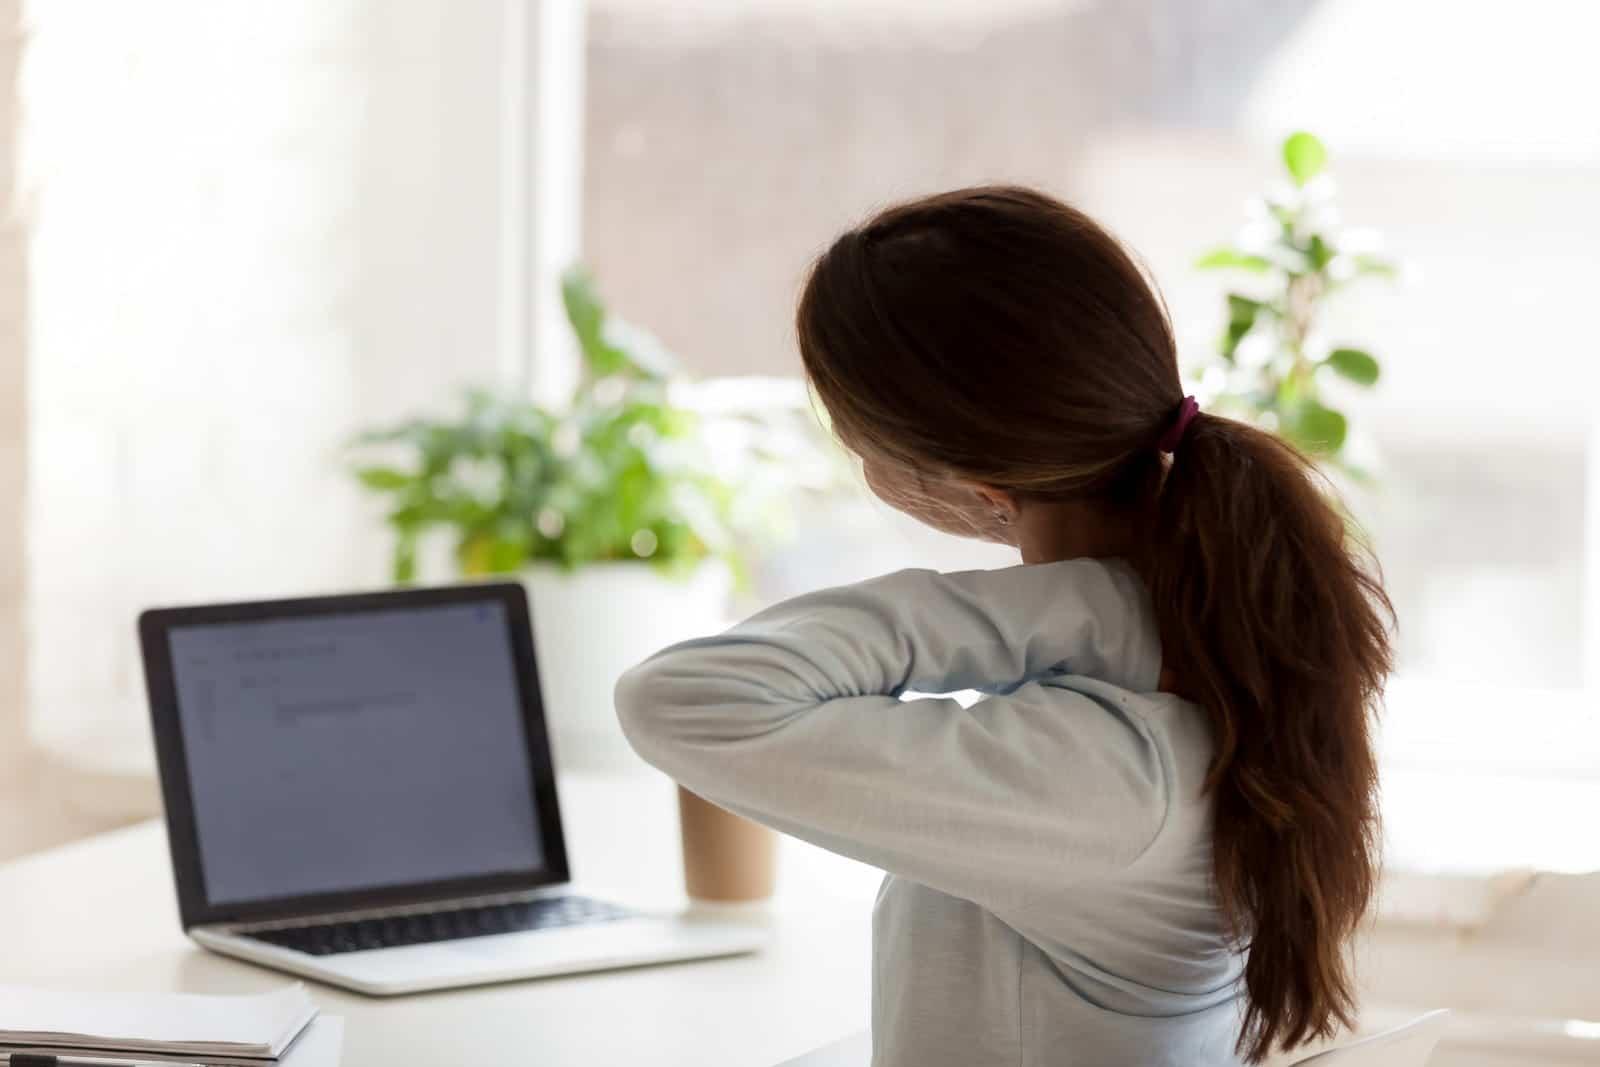 Femme qui s'étire le cou à l'ordinateur